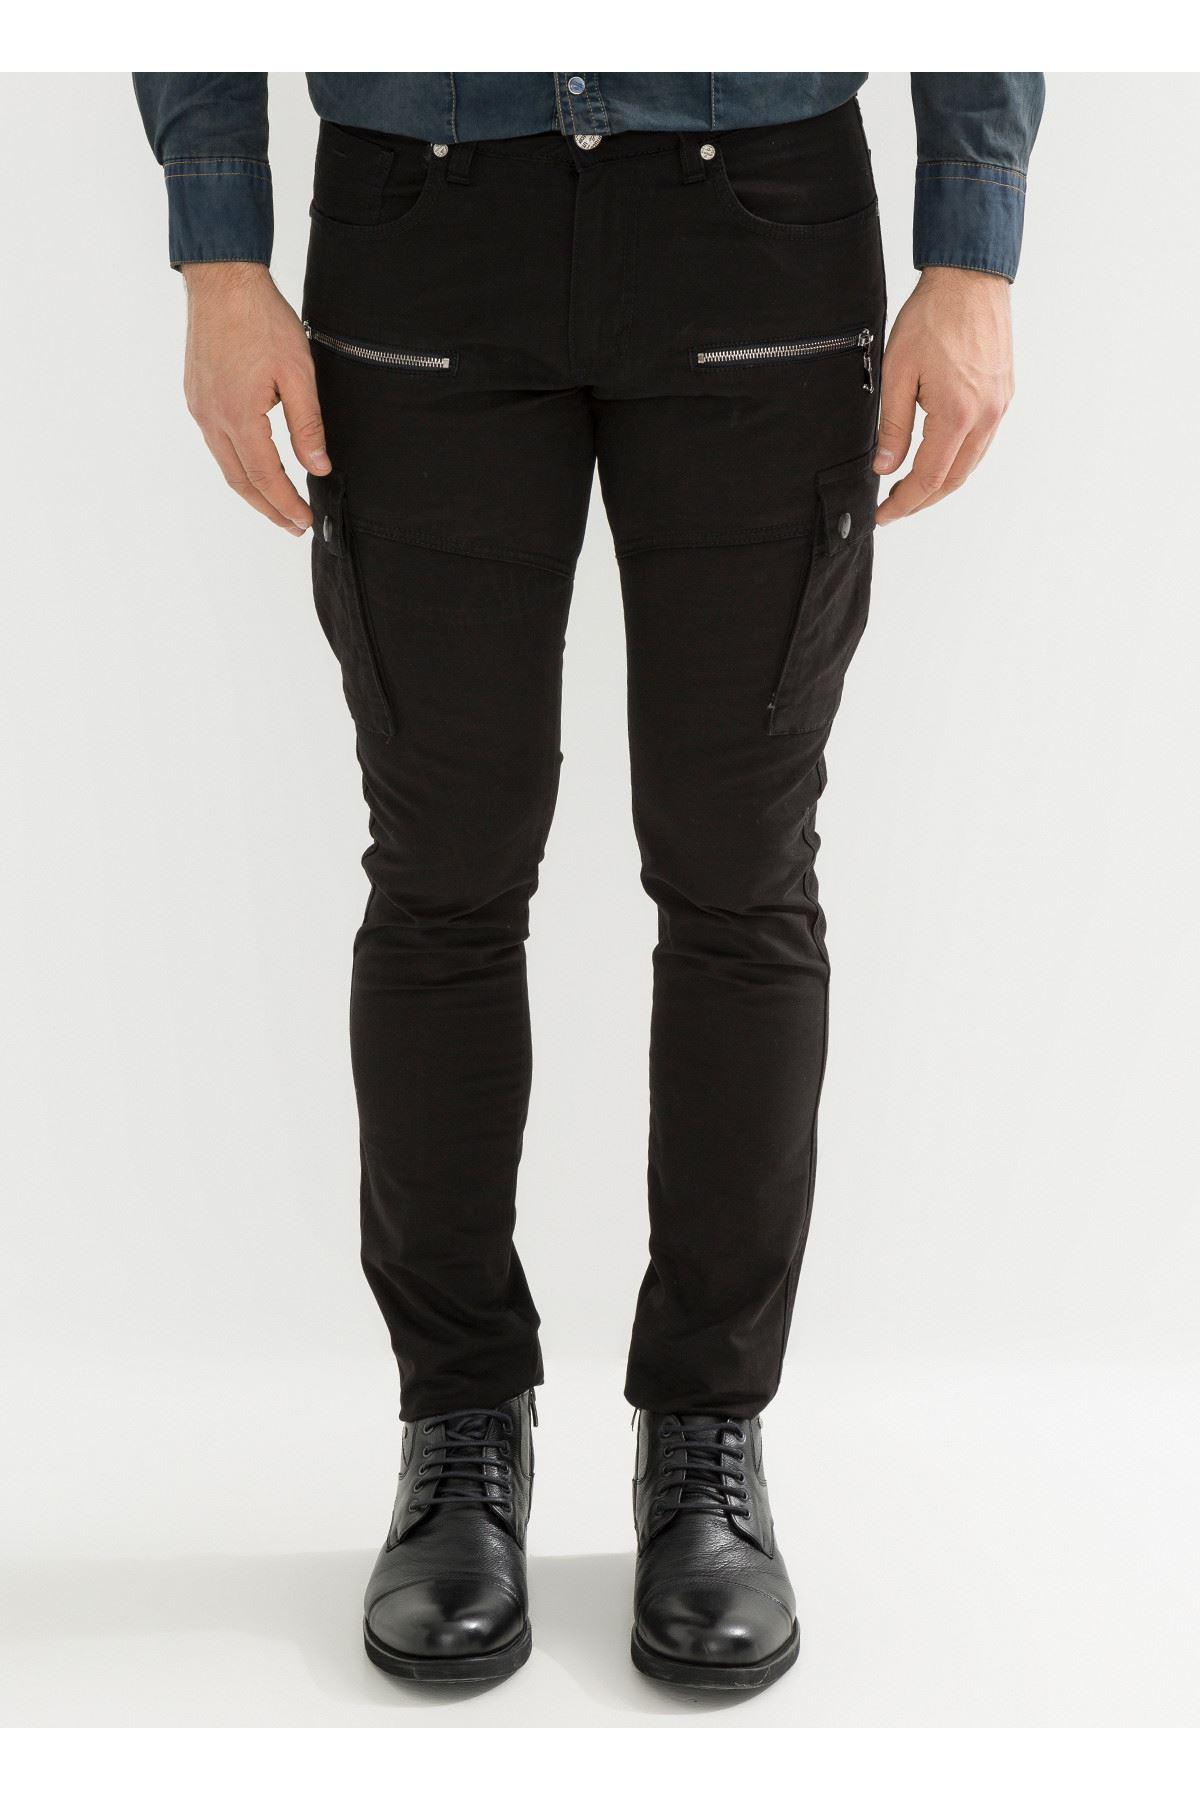 Siyah Fermuarlı Kargo Erkek Pantolon